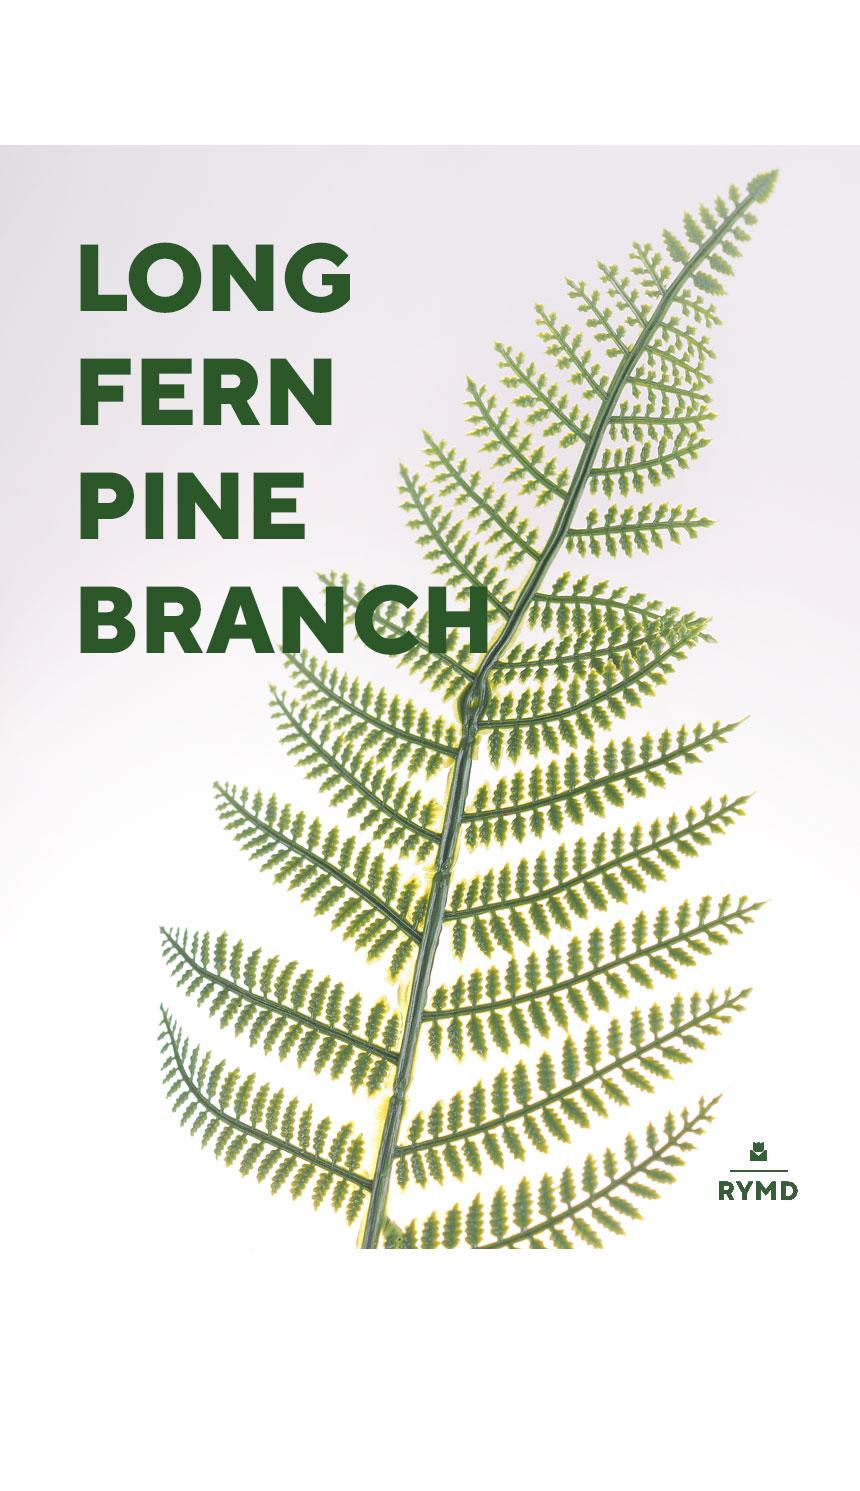 long fern6.jpg